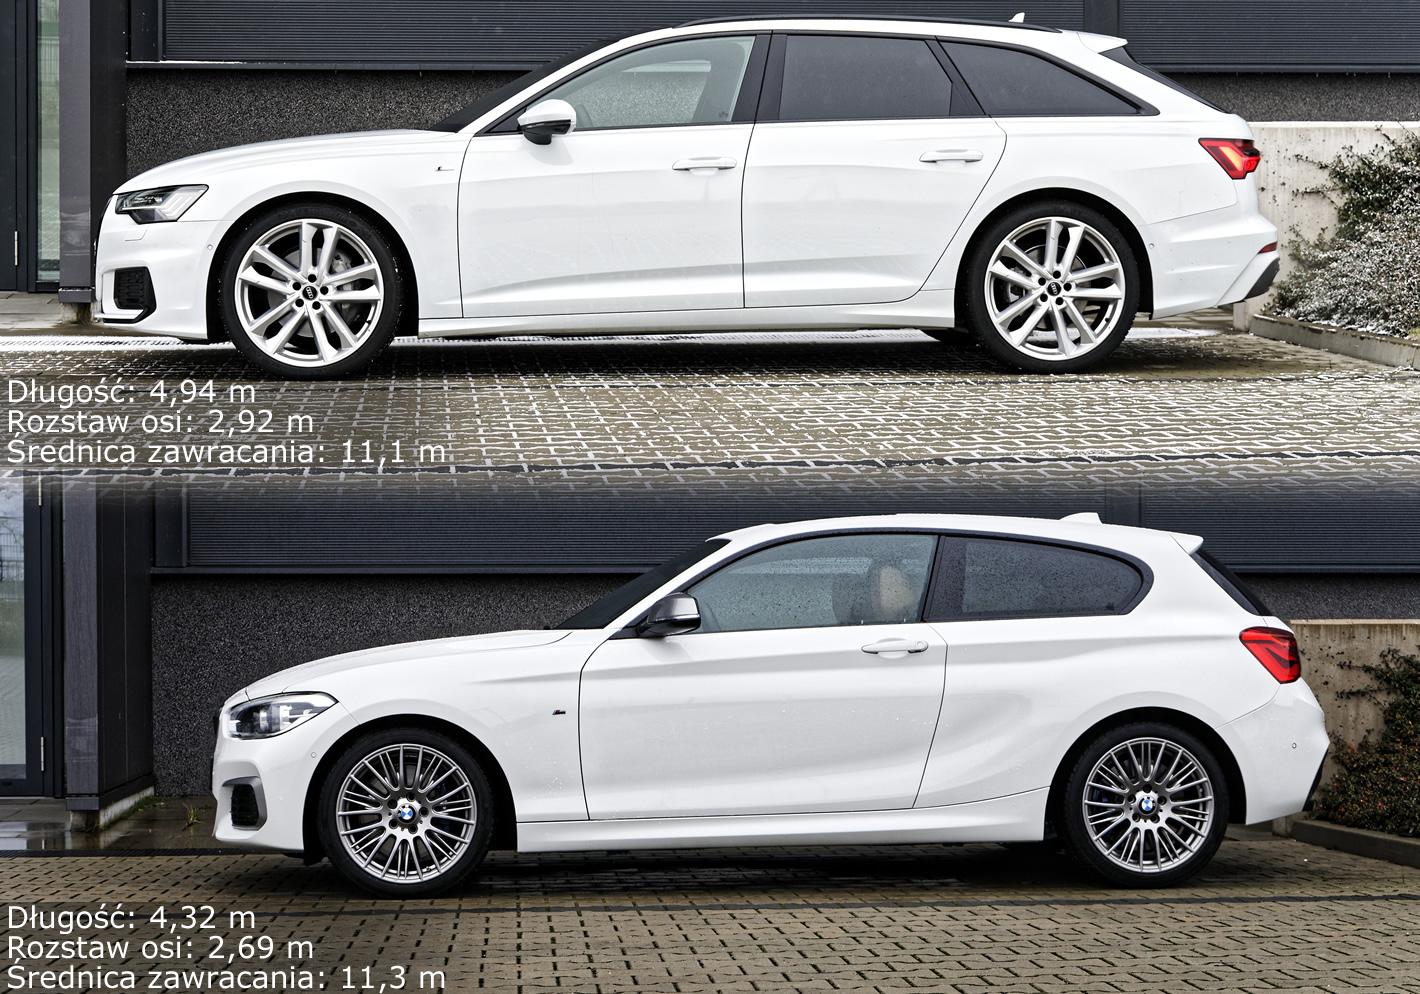 Audi A6 Avant porównanie z BMW M140i xDrive